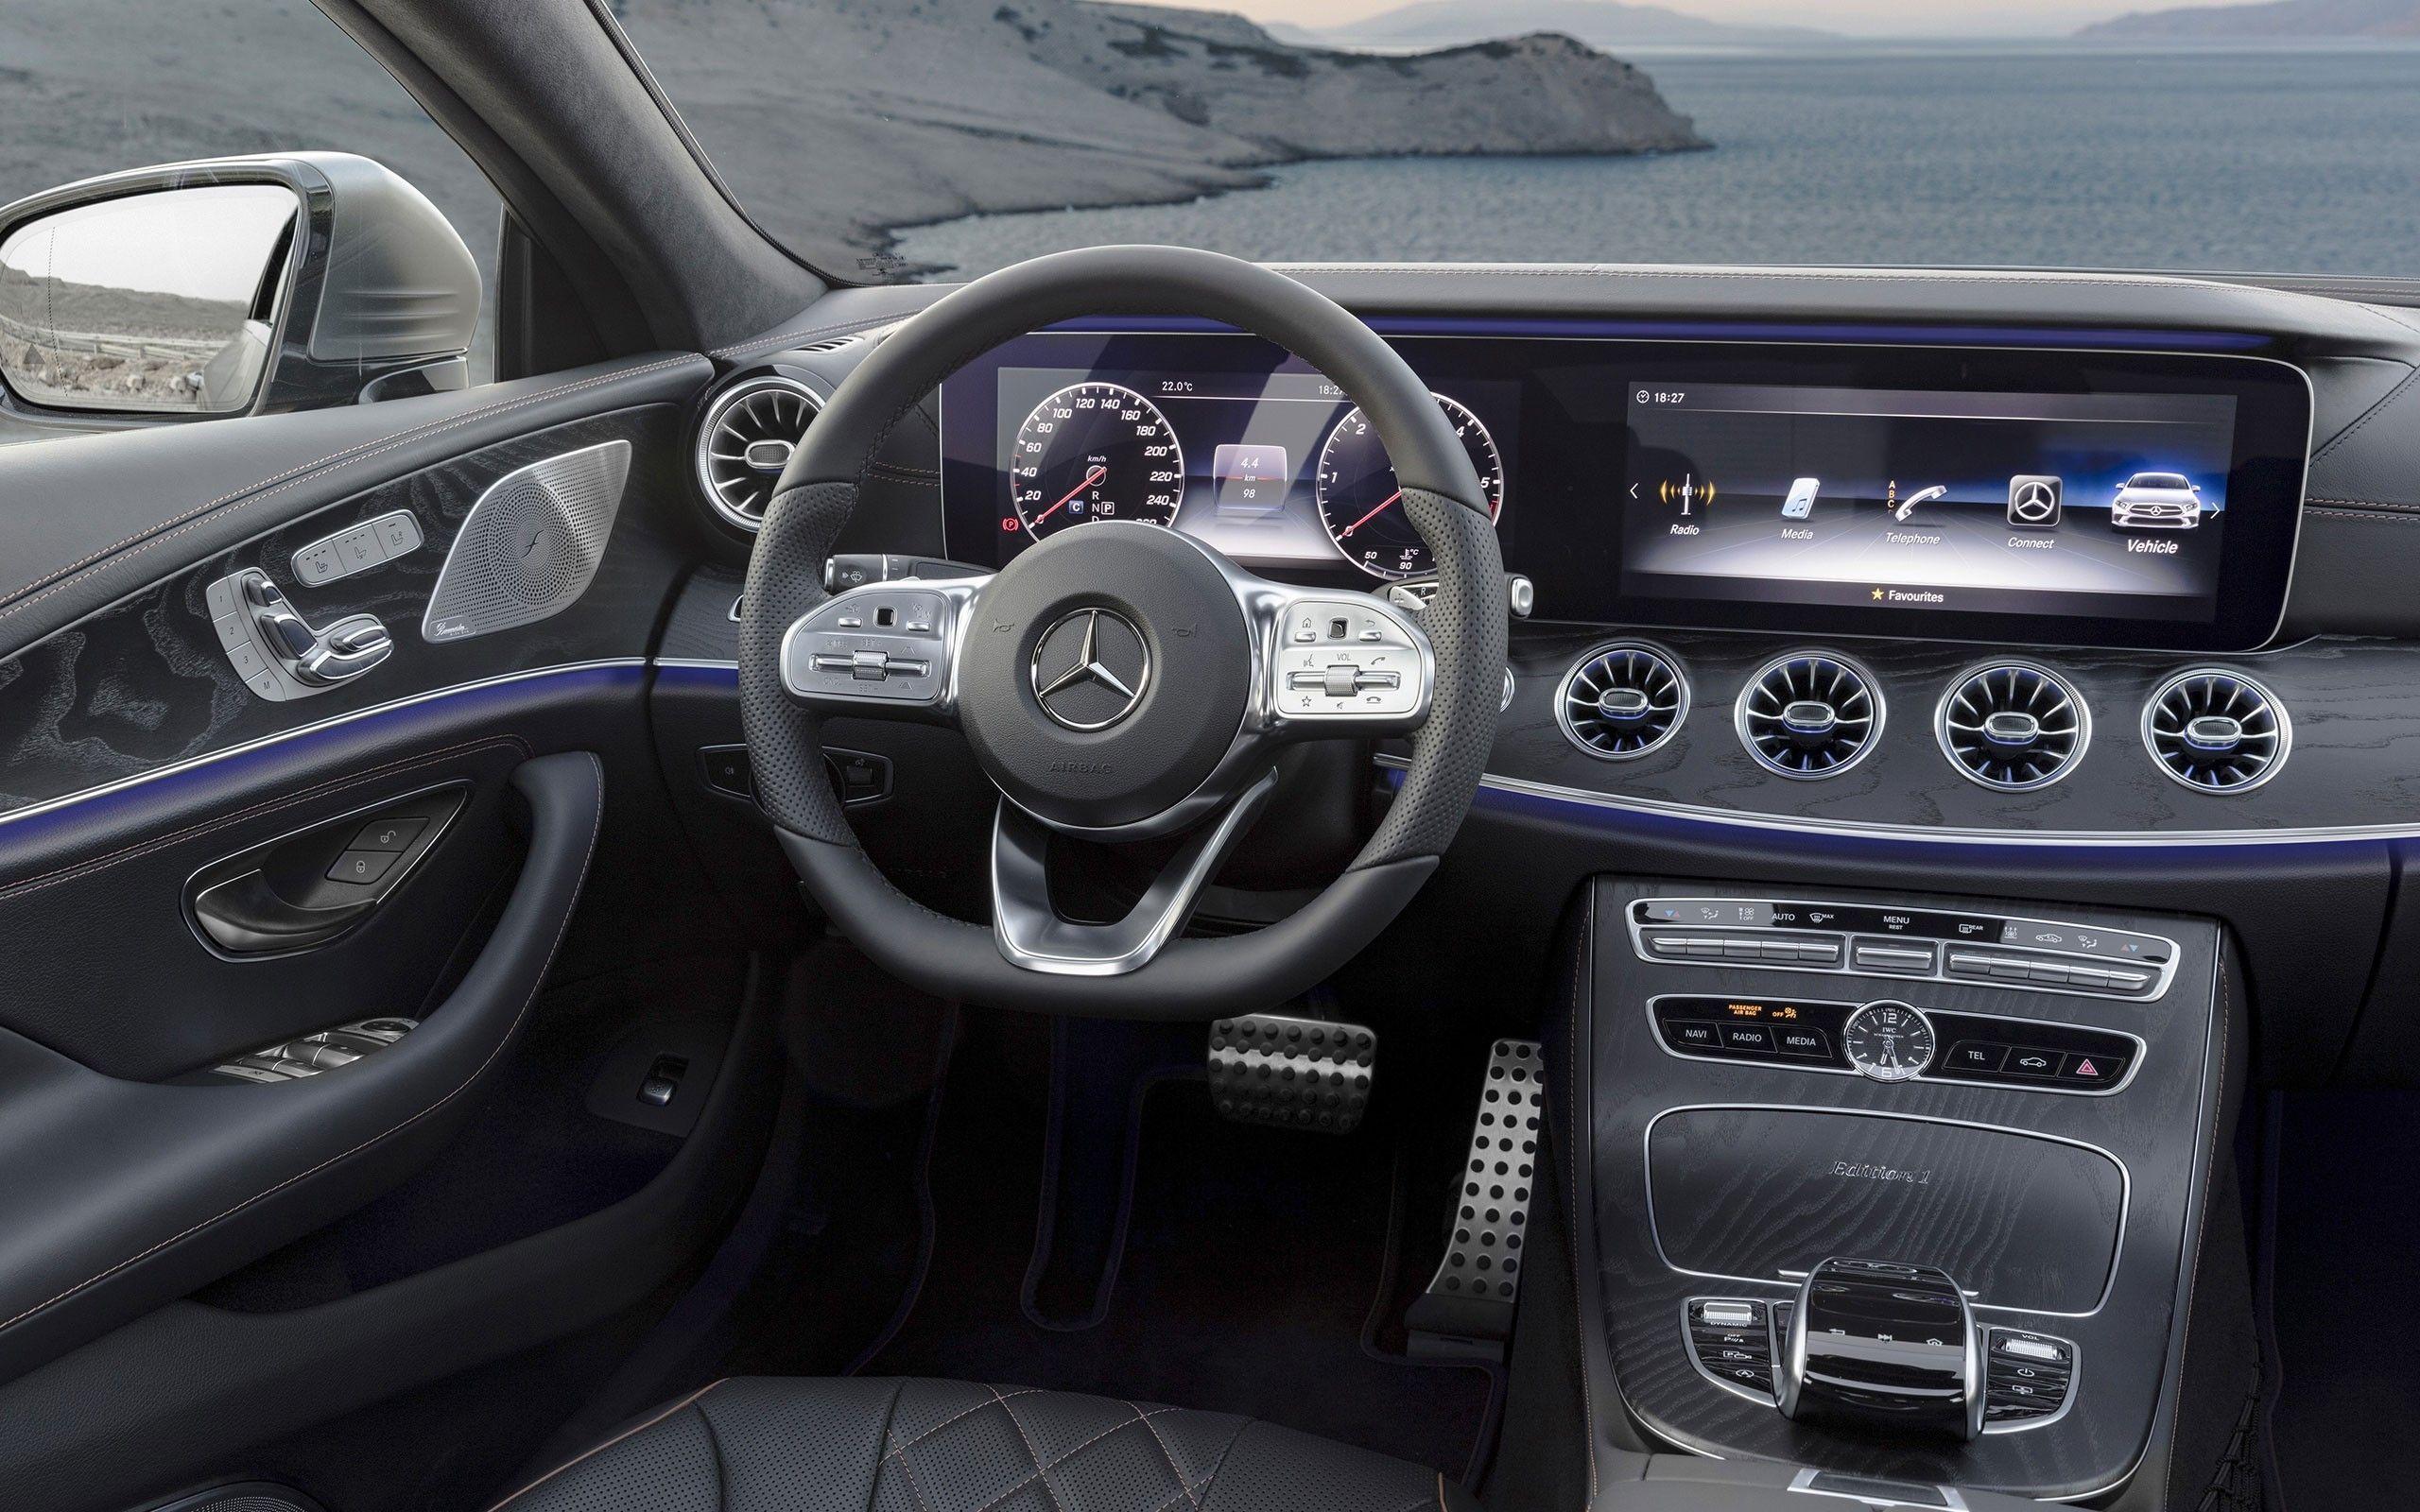 2019 Mercedes Benz E400 Exterior Car Gallery Mercedes Cls